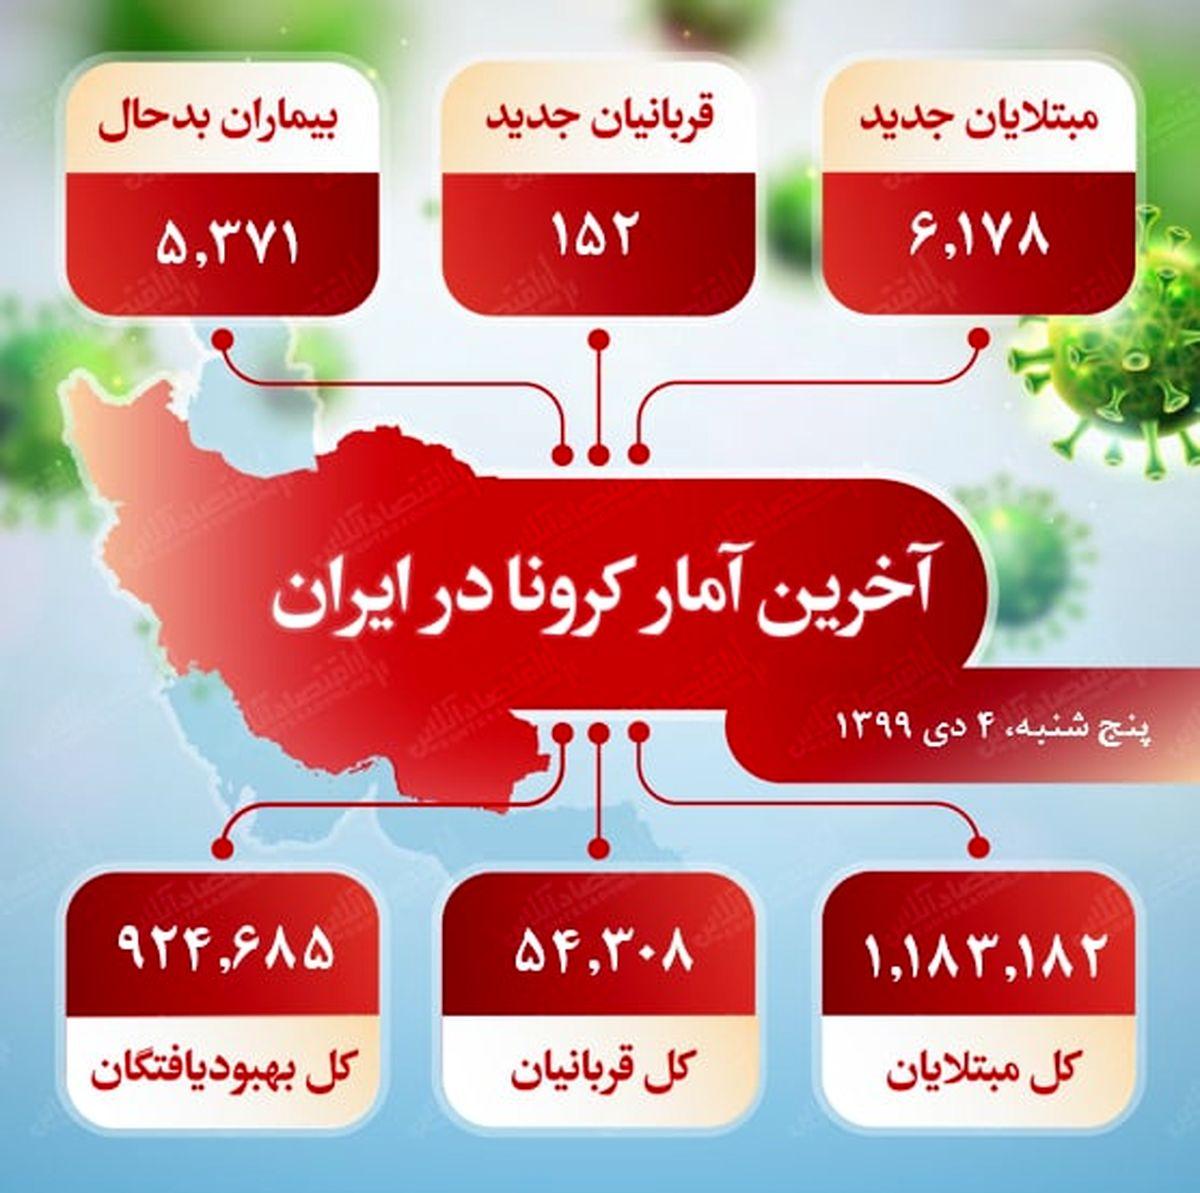 آخرین آمار کرونا در ایران (۹۹/۱۰/۴)